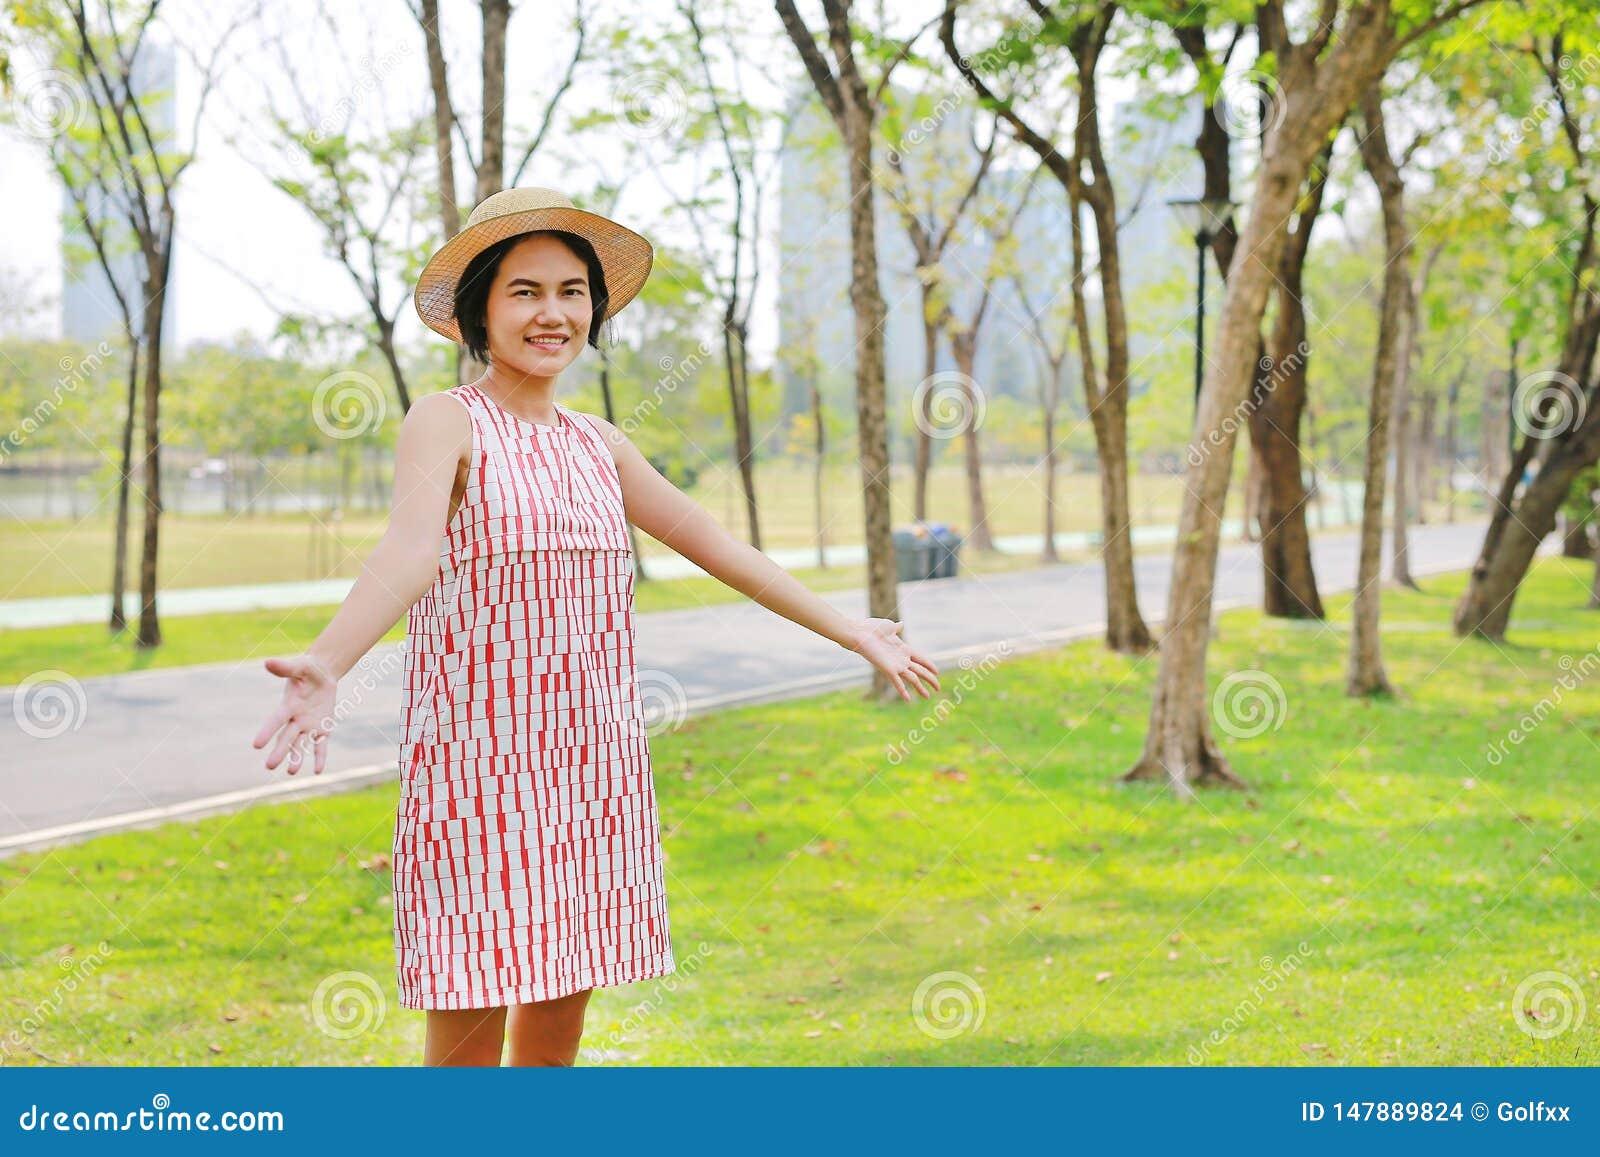 Junge Asiatin, die Arme und Lächeln im Naturpark anhebt